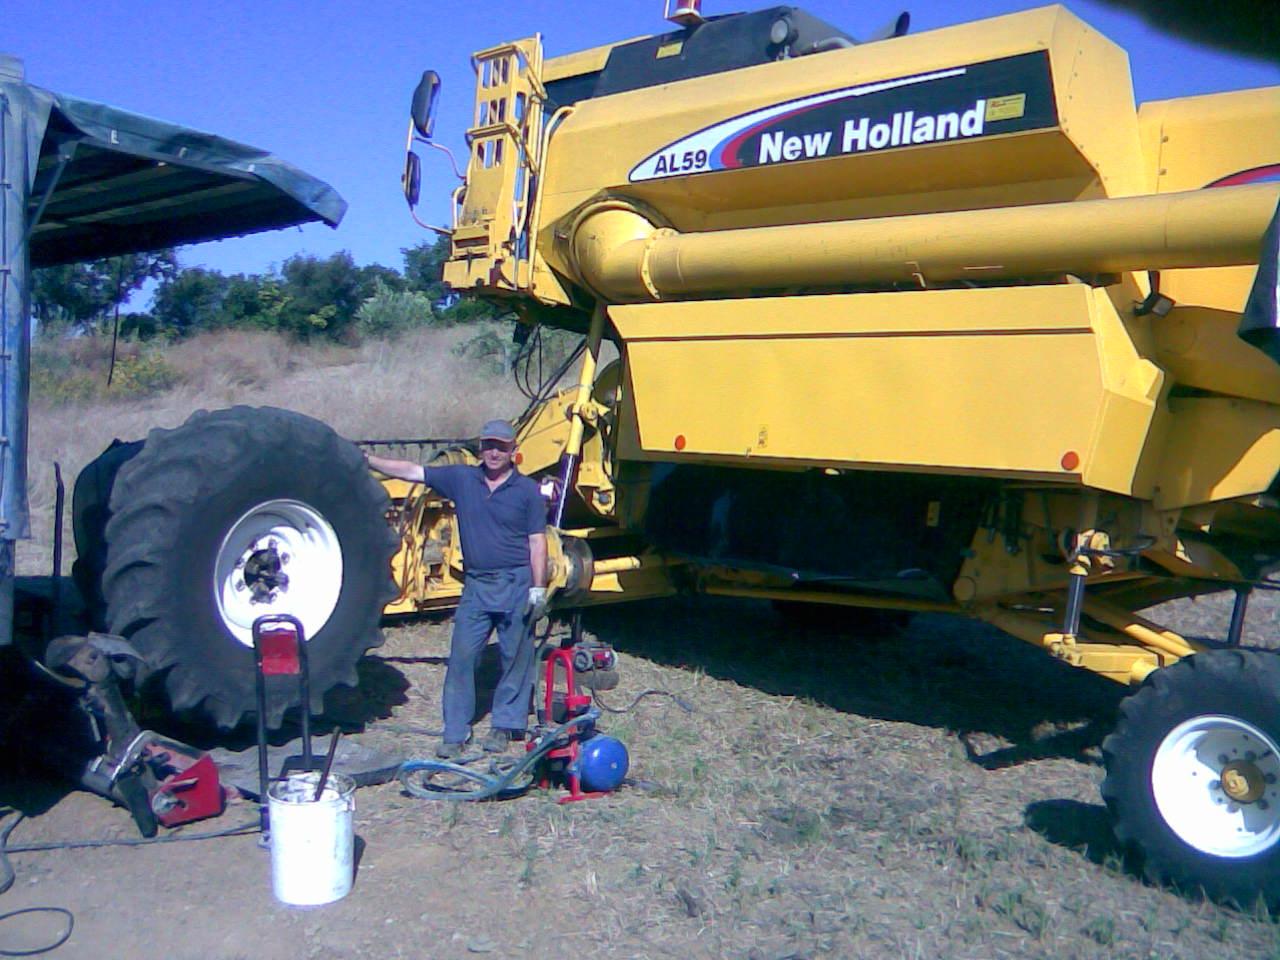 Un meccanico in posa vicino allo pneumatico di una mototrebbia